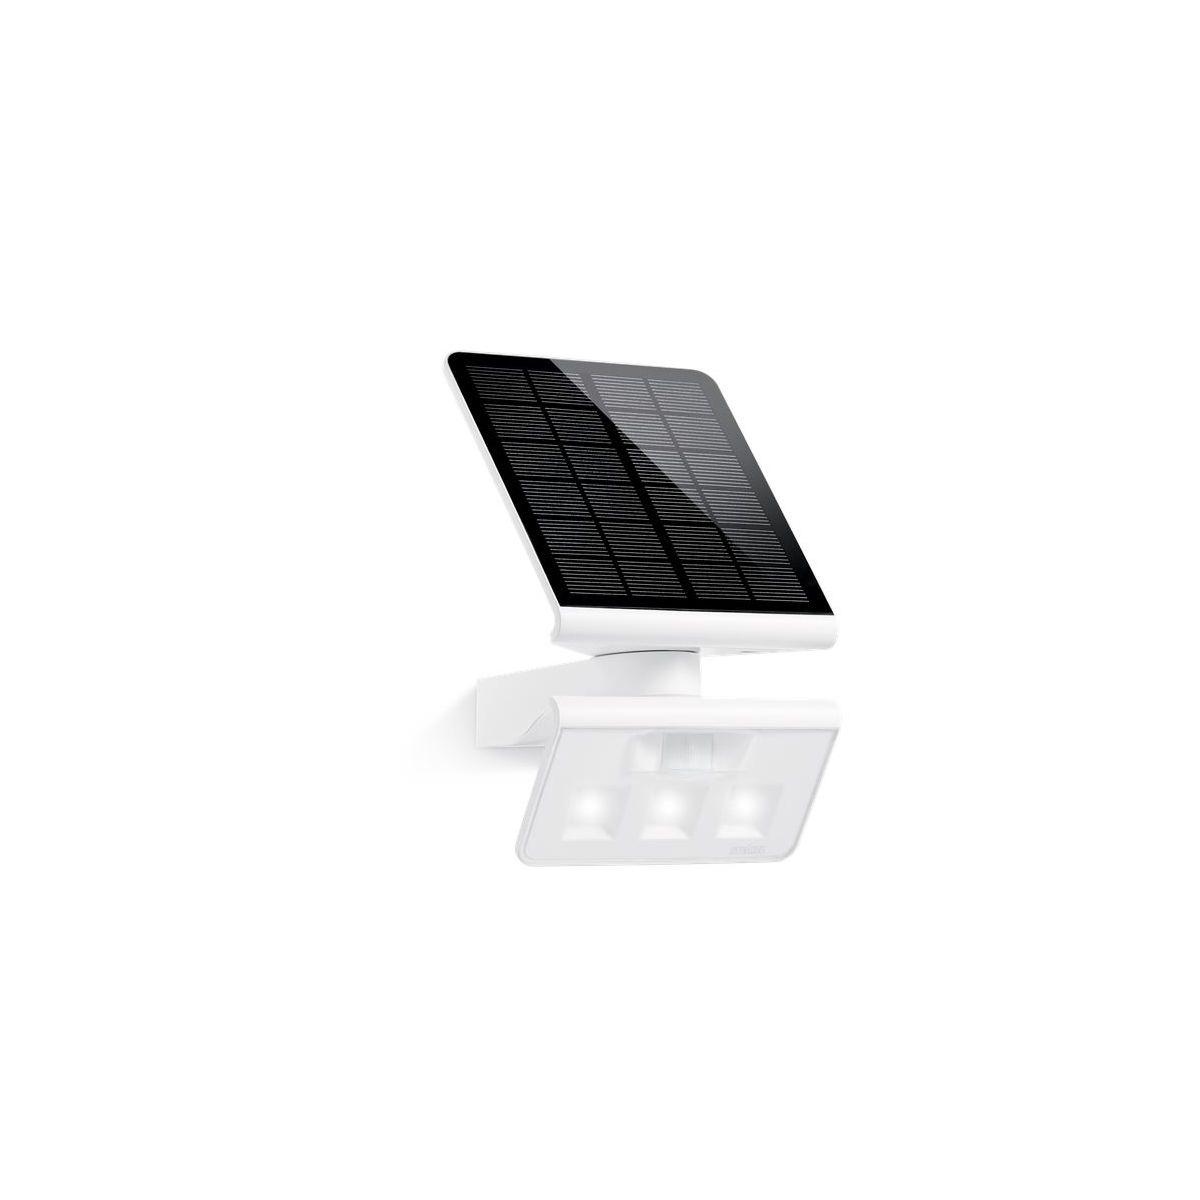 Lampa Solarna Xsolar L S Z Czujnikiem Biały